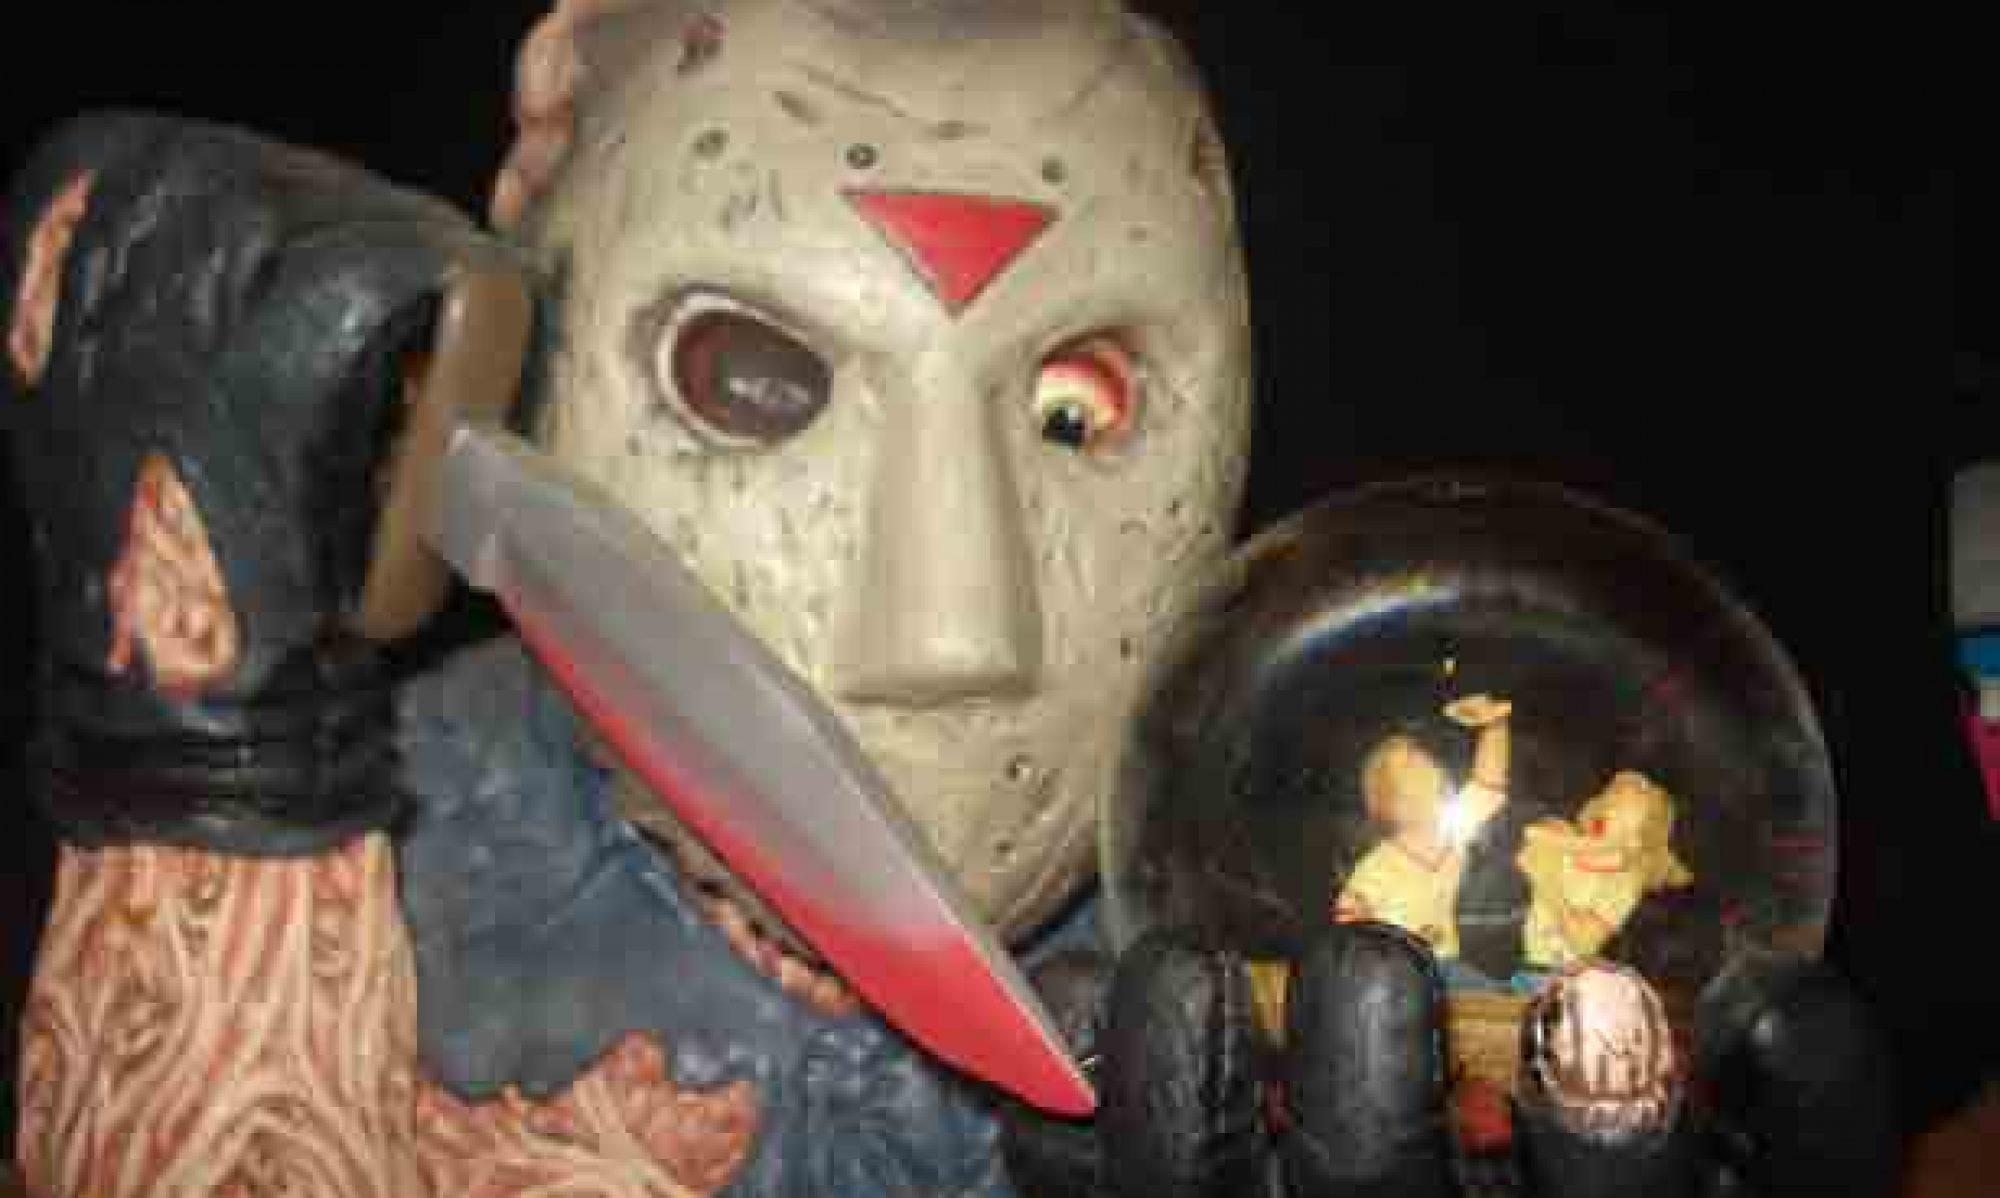 HorrorCollectors